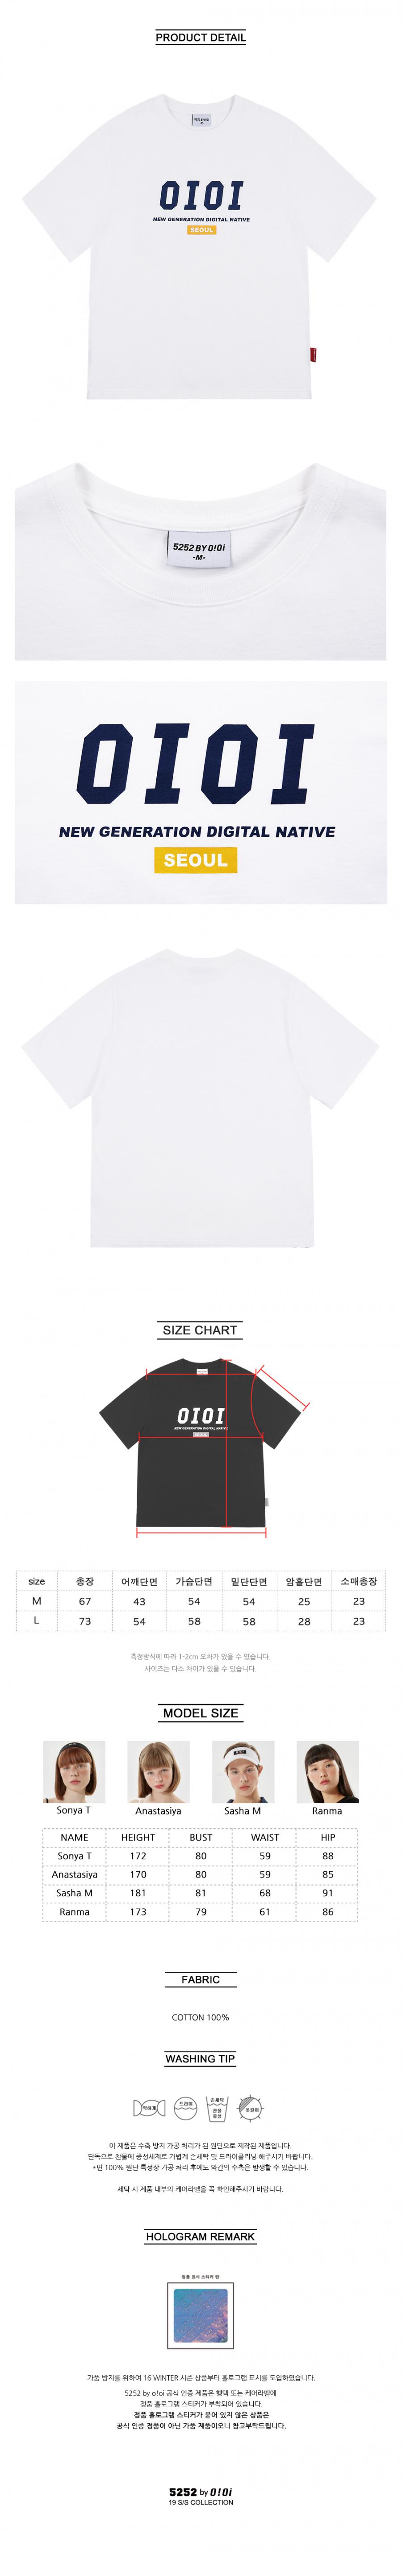 5252 바이 오아이오아이(5252BYOIOI) 2019 SIGNATURE T-SHIRTS_white